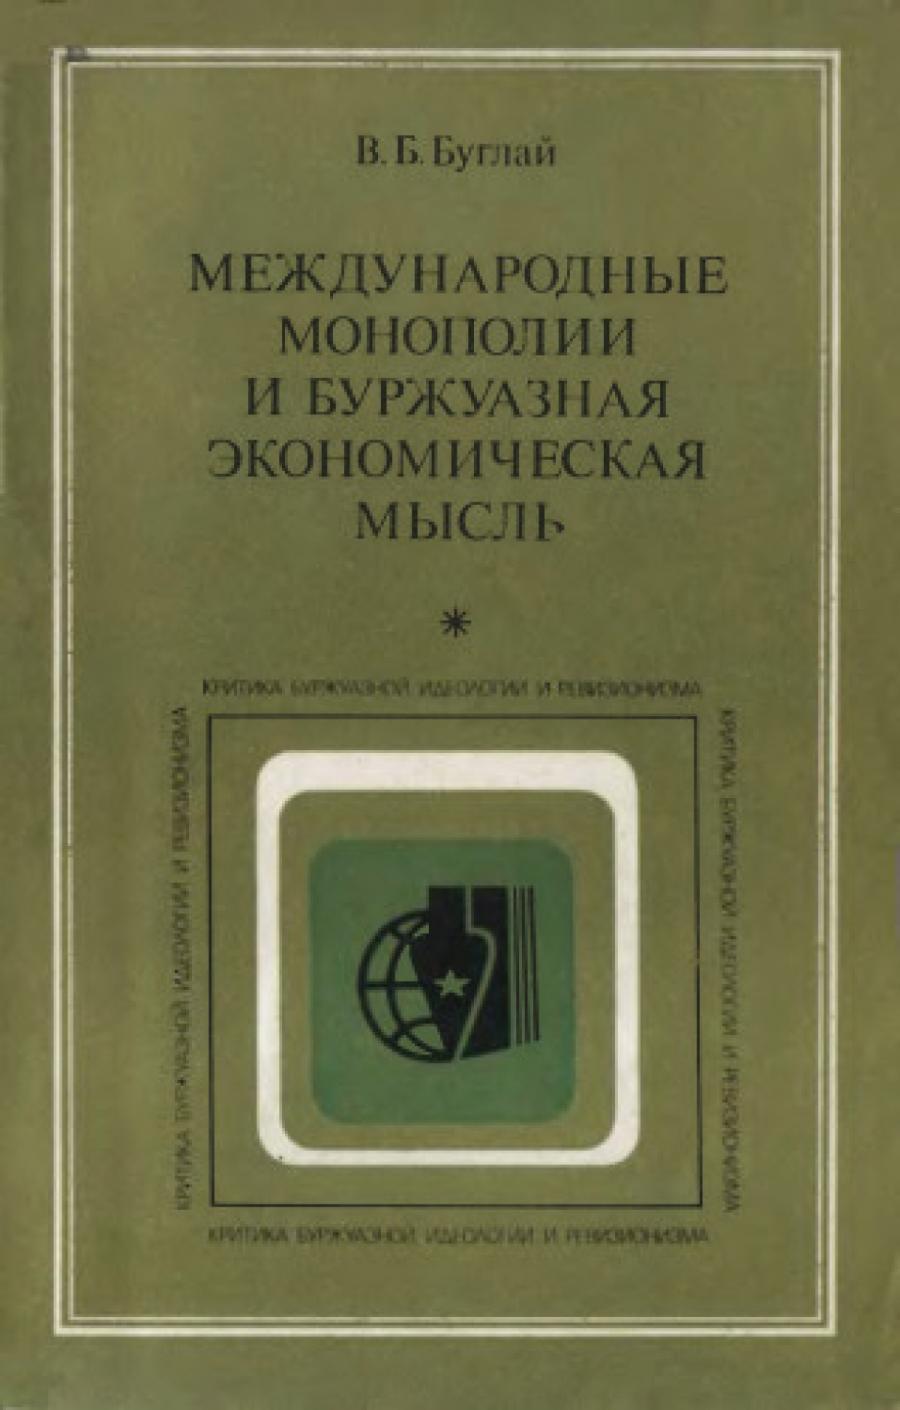 Обложка книги:  буглай в. в. - международные монополии и буржуазная экономическая мысль